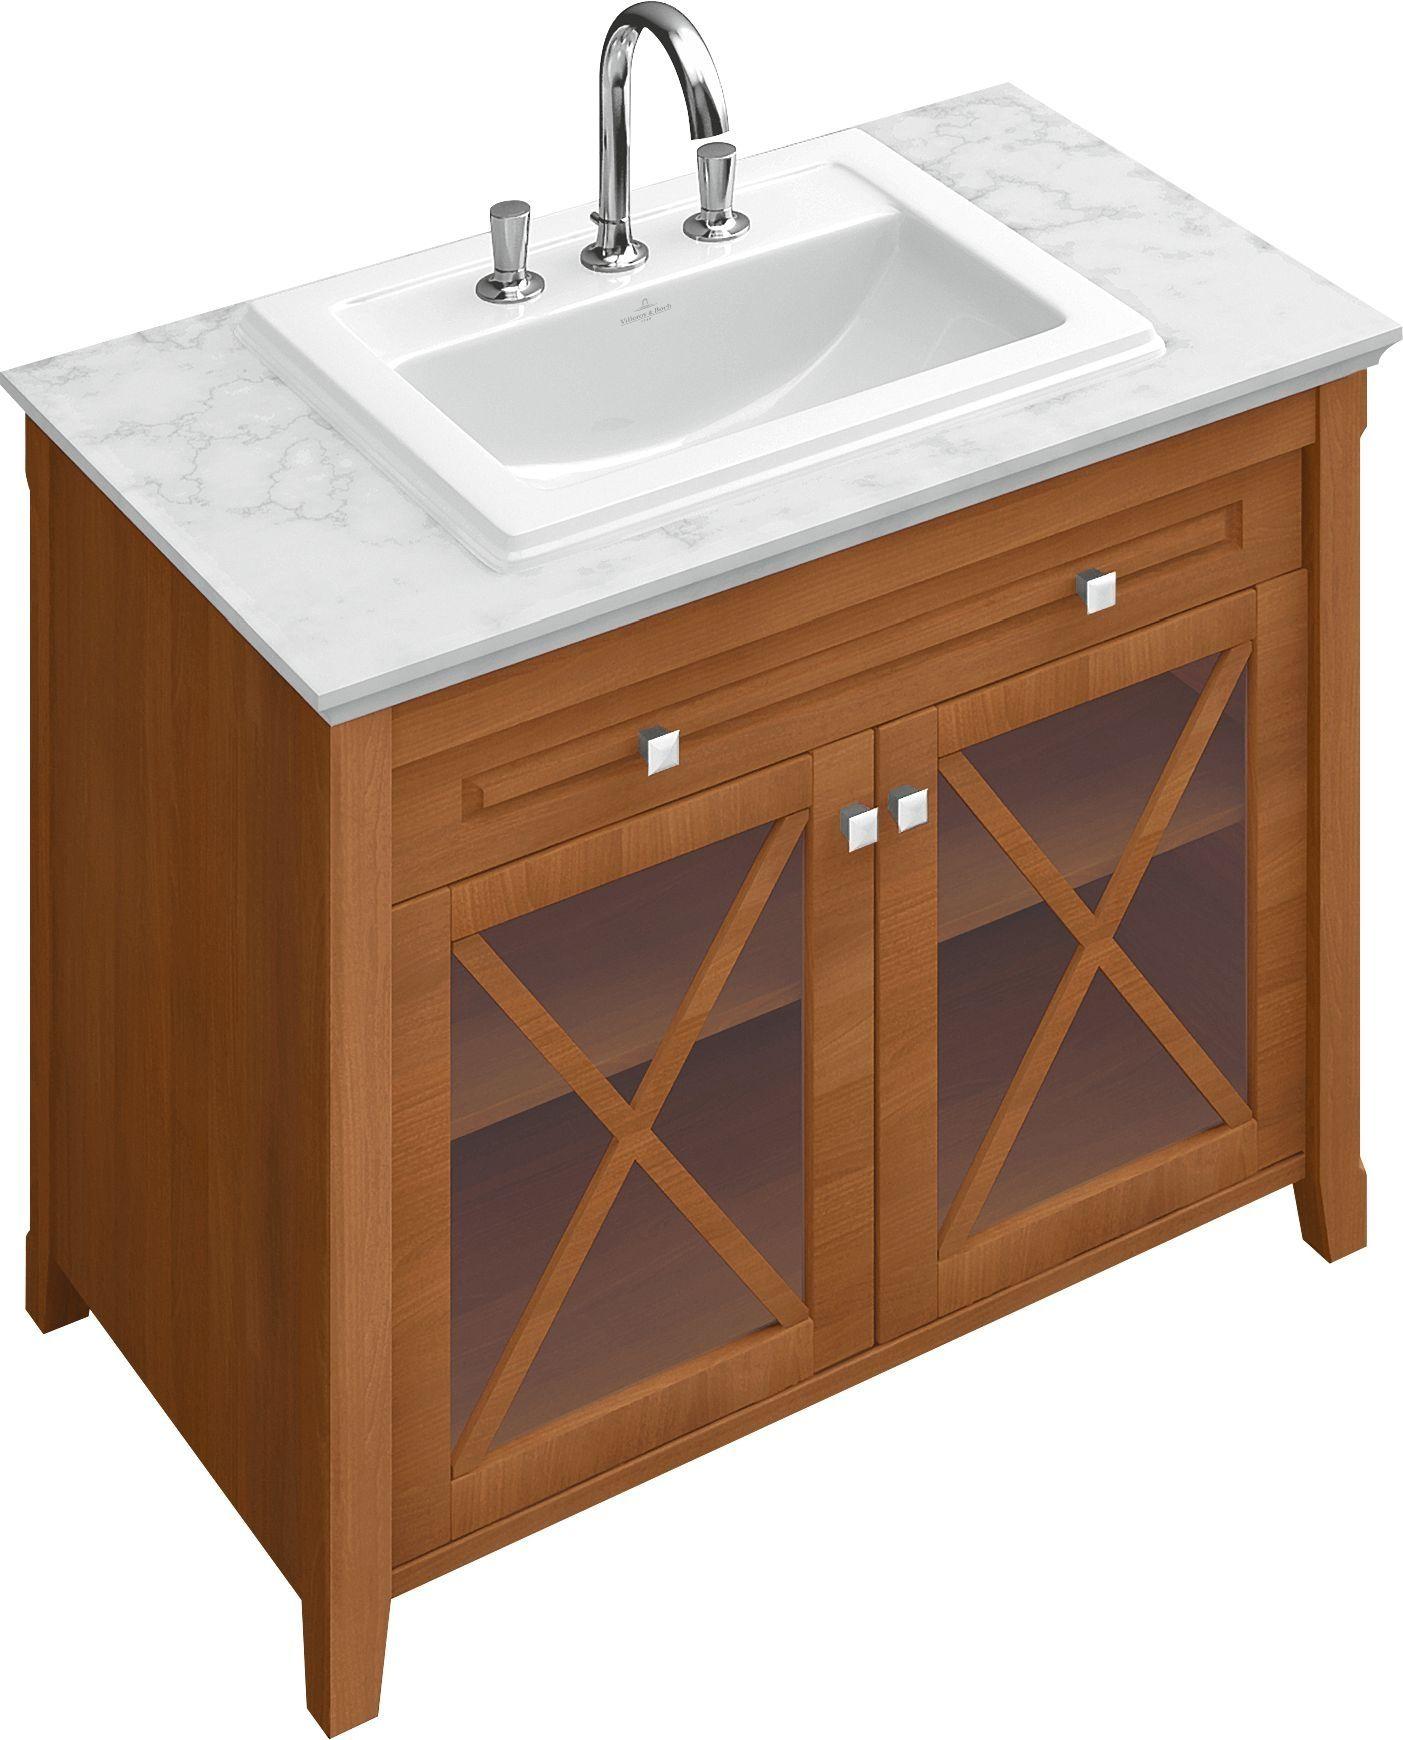 Villeroy & Boch Hommage Einbauwaschtisch B:63xT:52,5cm 1 Hahnloch mit Überlauf weiß mit Ceramicplus 710263R1